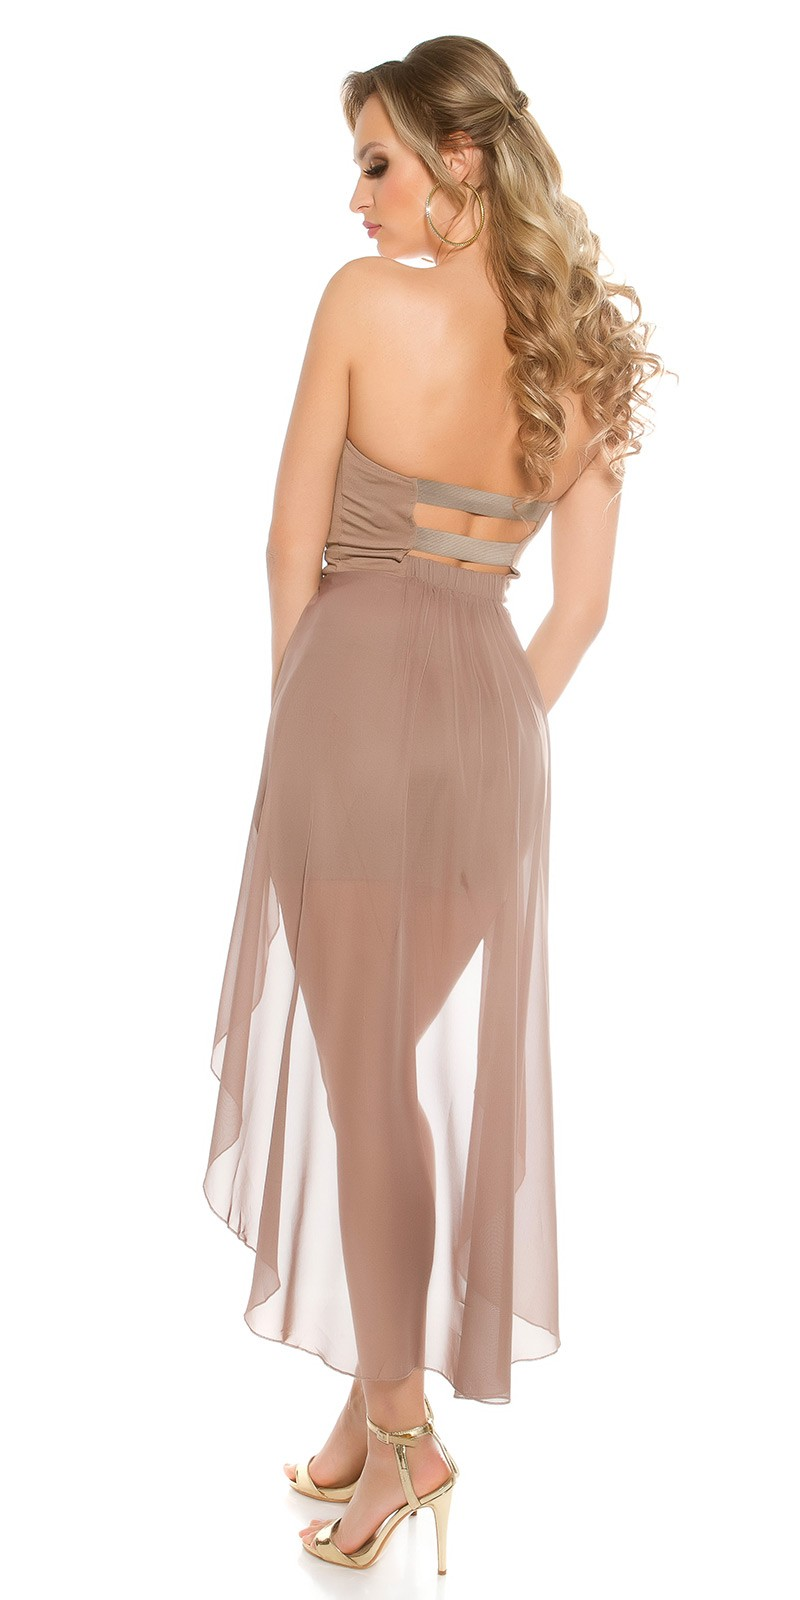 bee05e7693 Muszlin rátétes női alkalmi ruha - Capuccino (M-L). Az Ön értékelése:  Köszönjük az értékelést!